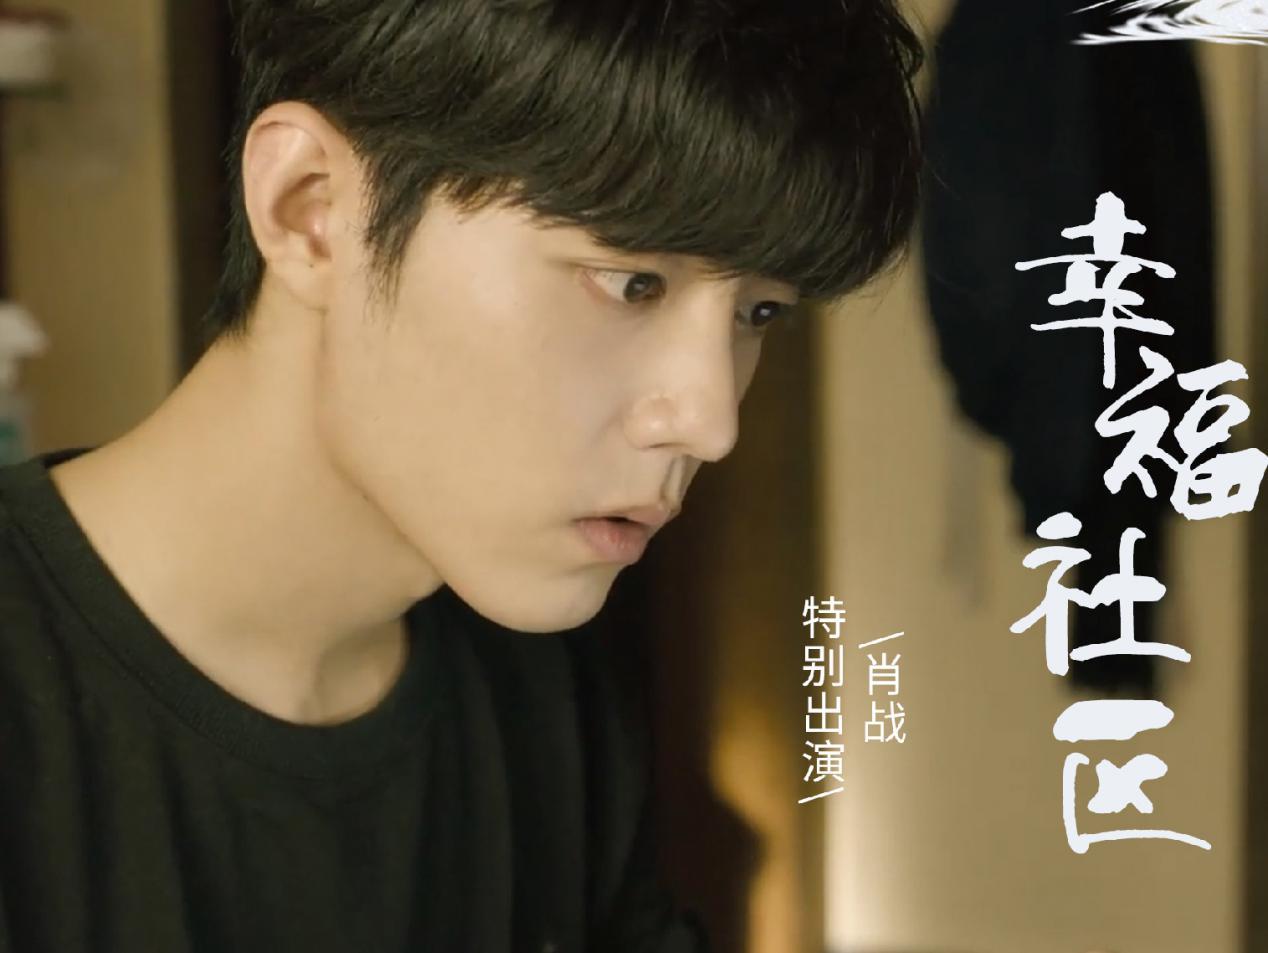 《最美逆行者》定档917,马天宇陈数实力出演,肖战获央视认可